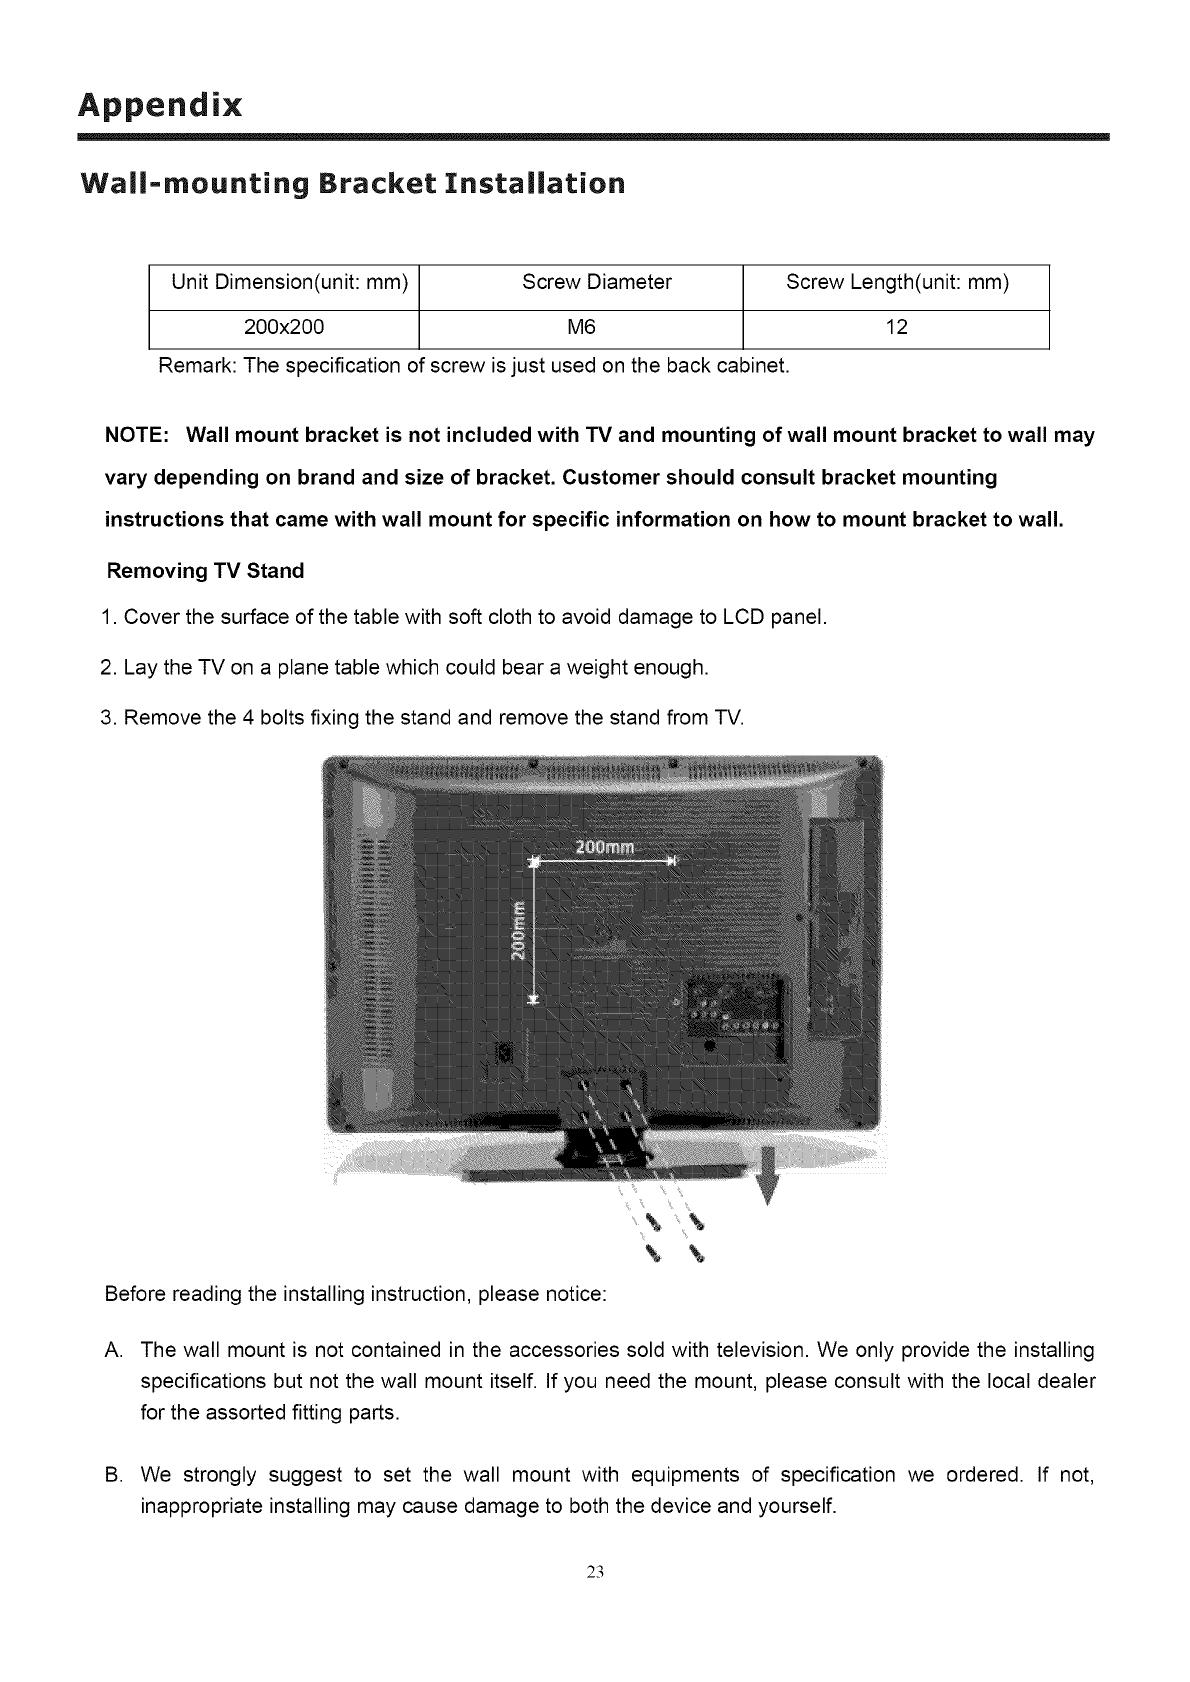 proscan tv manual wiring diagram u2022 rh 149 28 112 204